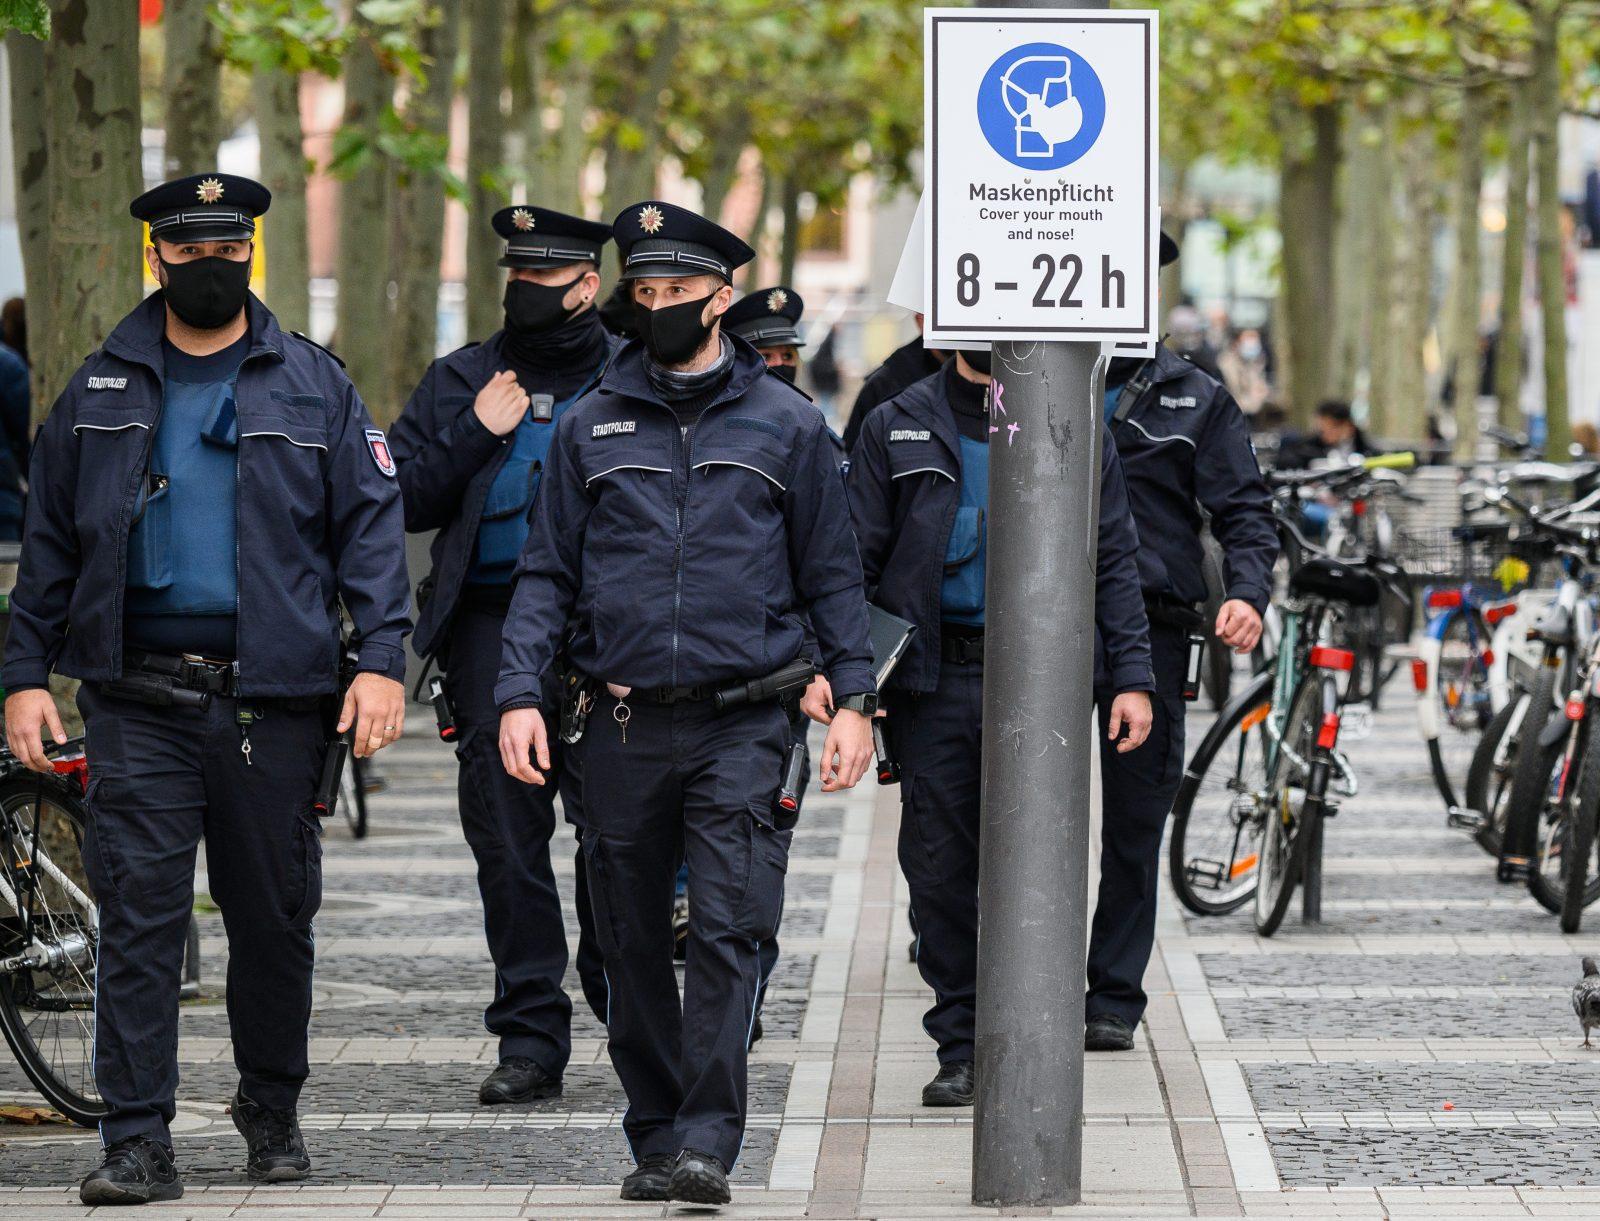 Polizisten kontrollieren in Frankfurt am Main die Einhaltung der Maskenpflicht.